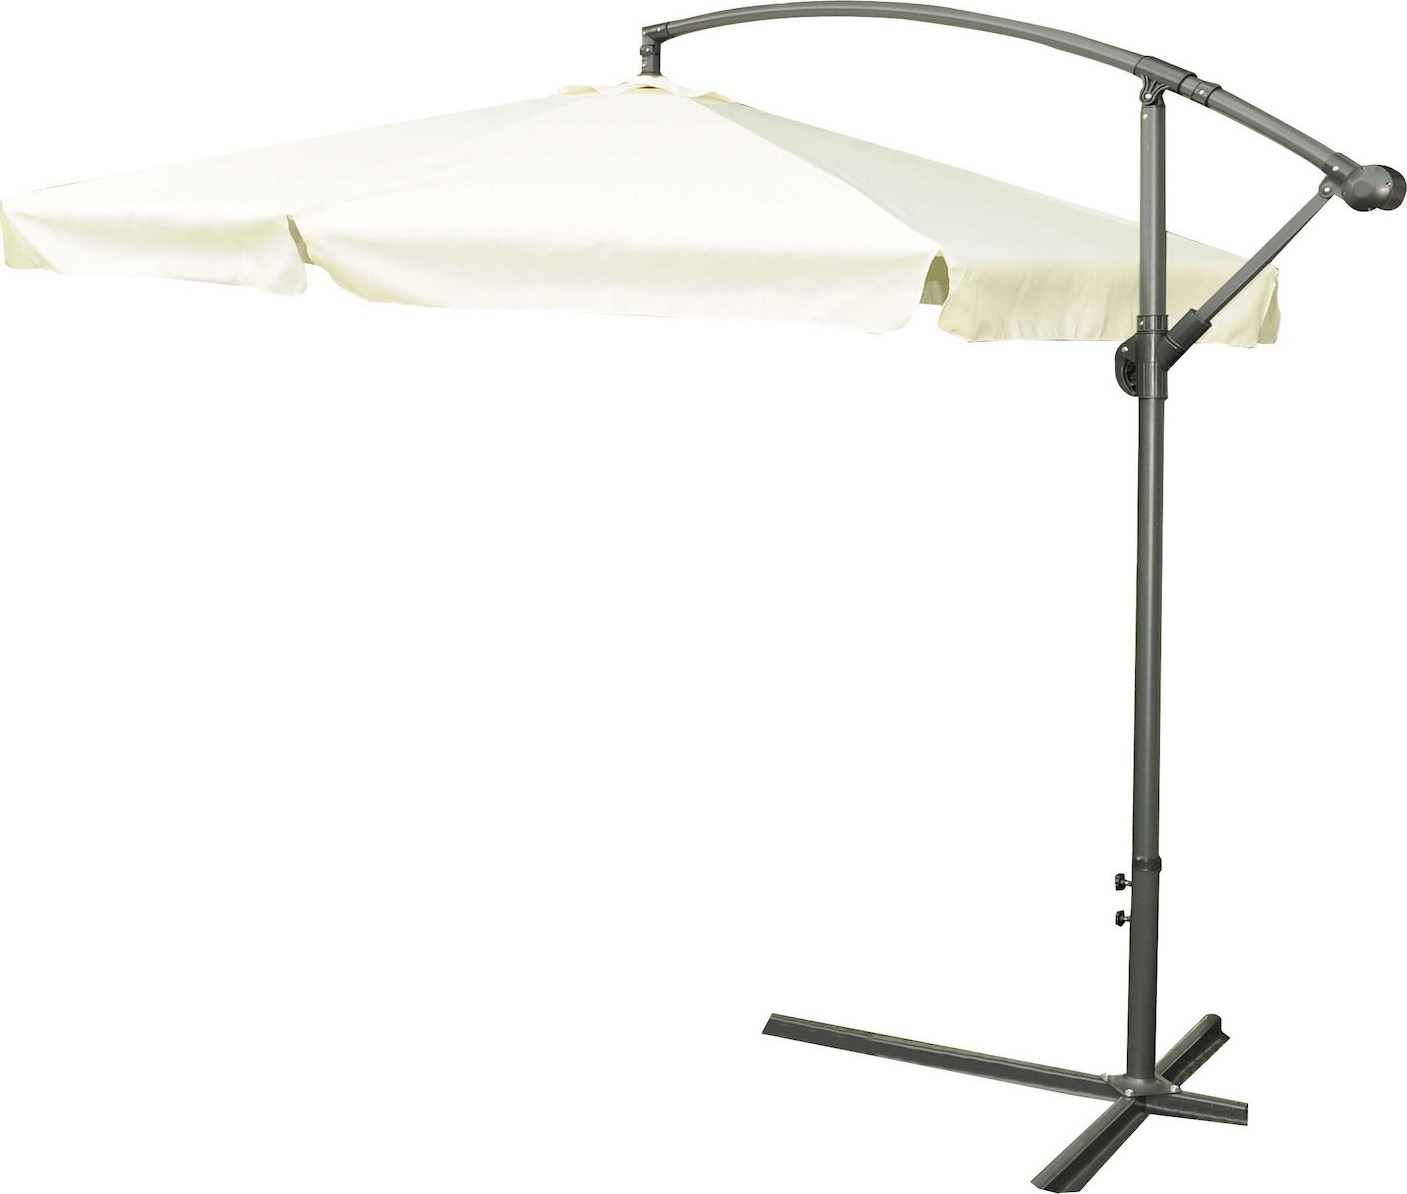 Ομπρέλα στρόγγυλη κρεμαστή 3 μέτρα με ύφασμα σε μπεζ χρώμα 3Μ